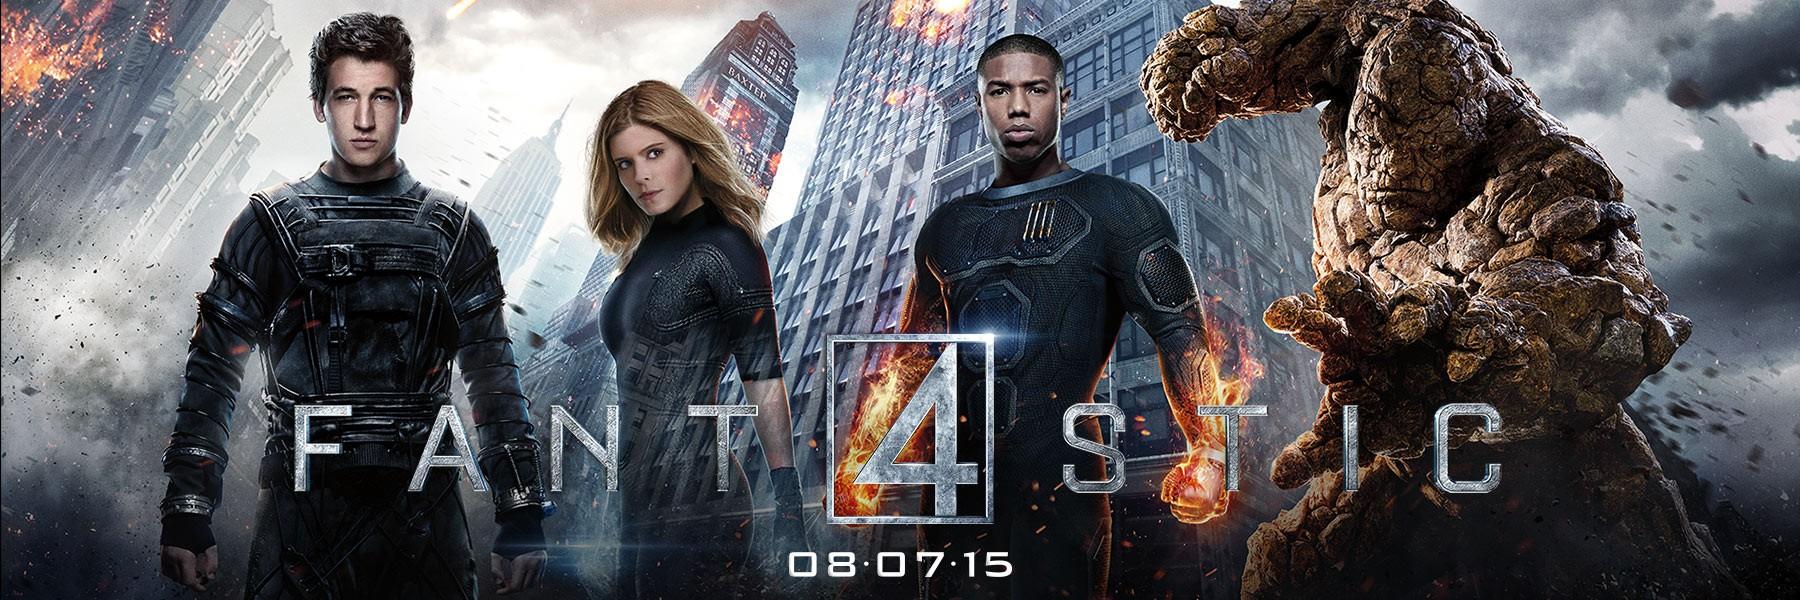 Fantastic Four banner